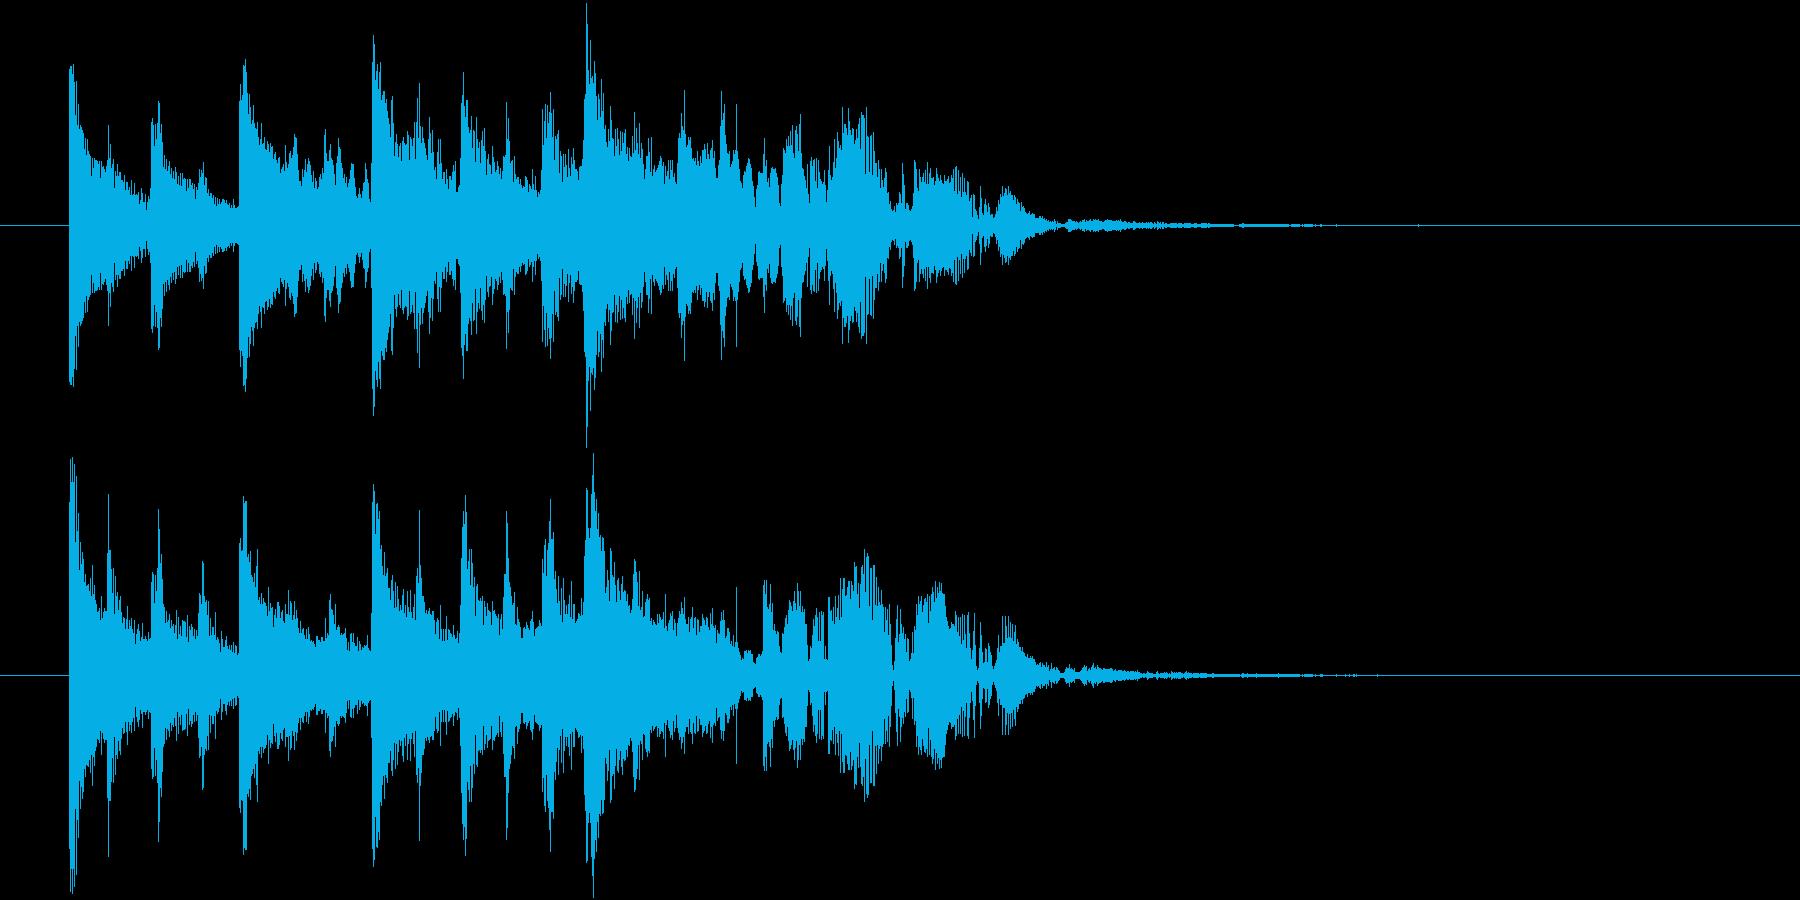 【ジングル】ほのぼのした木琴の曲の再生済みの波形